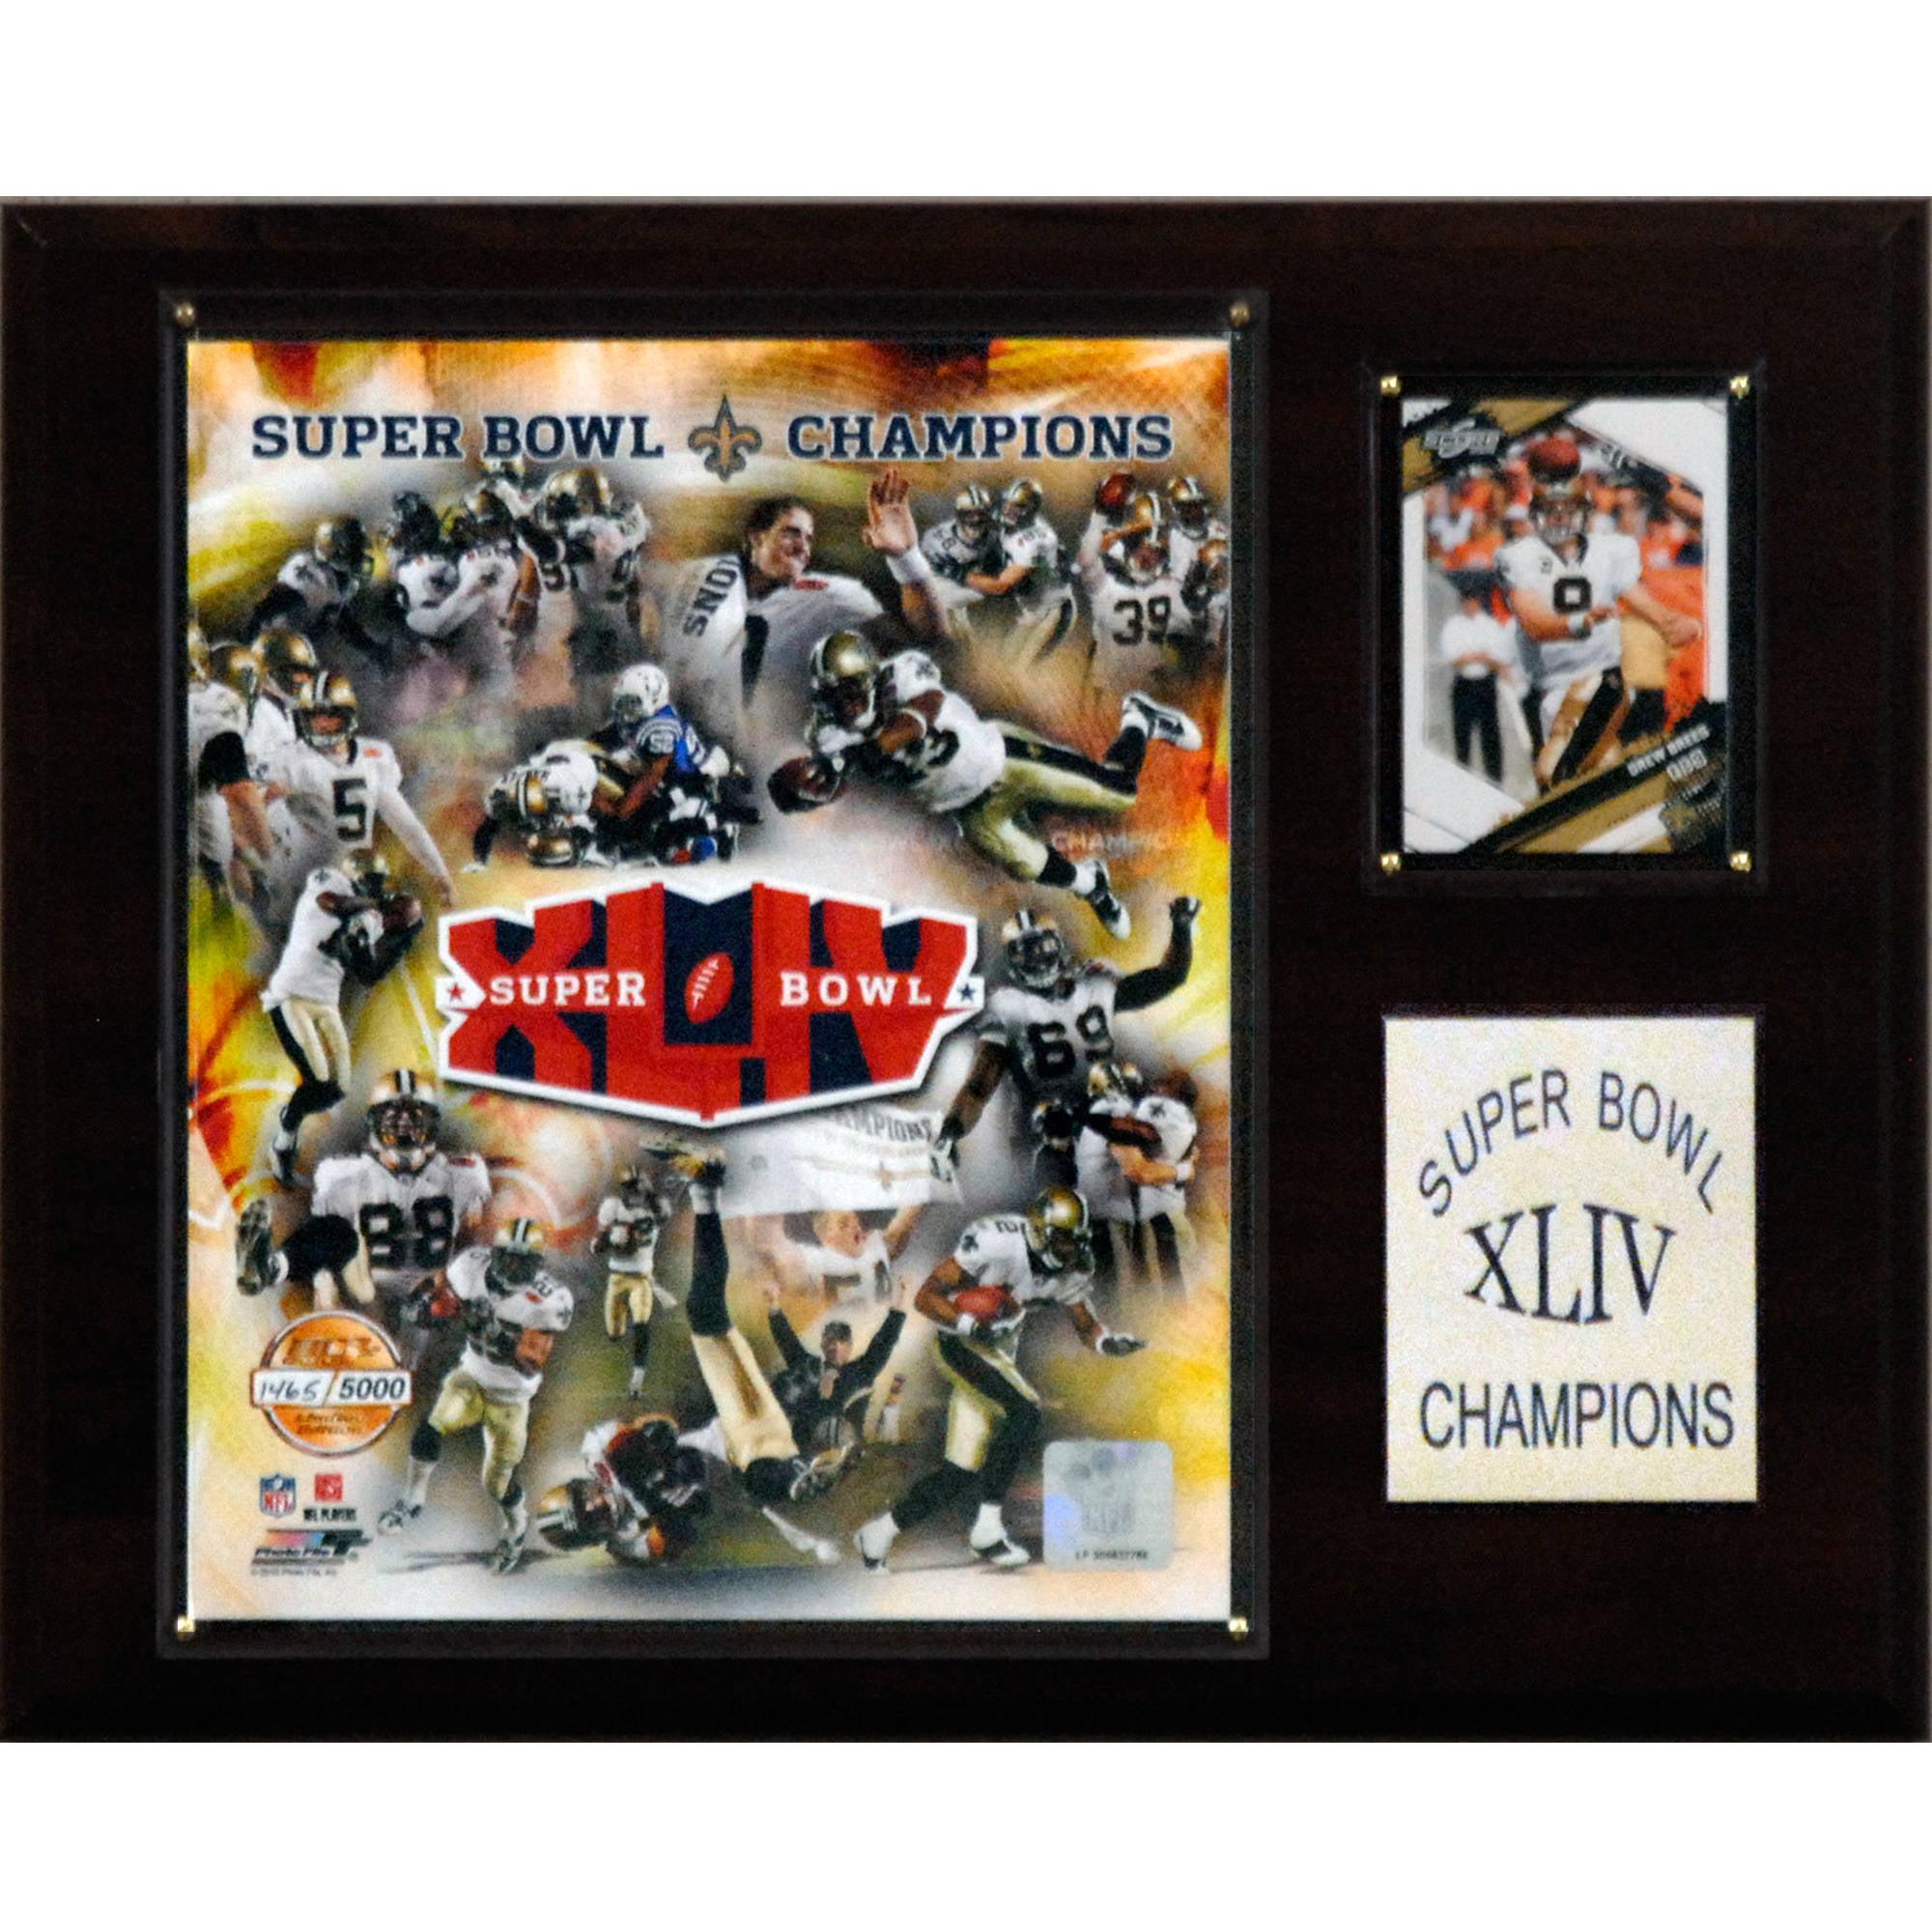 C&I Collectables NFL 12x15 New Orleans Saints Super Bowl XLIV Champions Plaque, Gold Edition